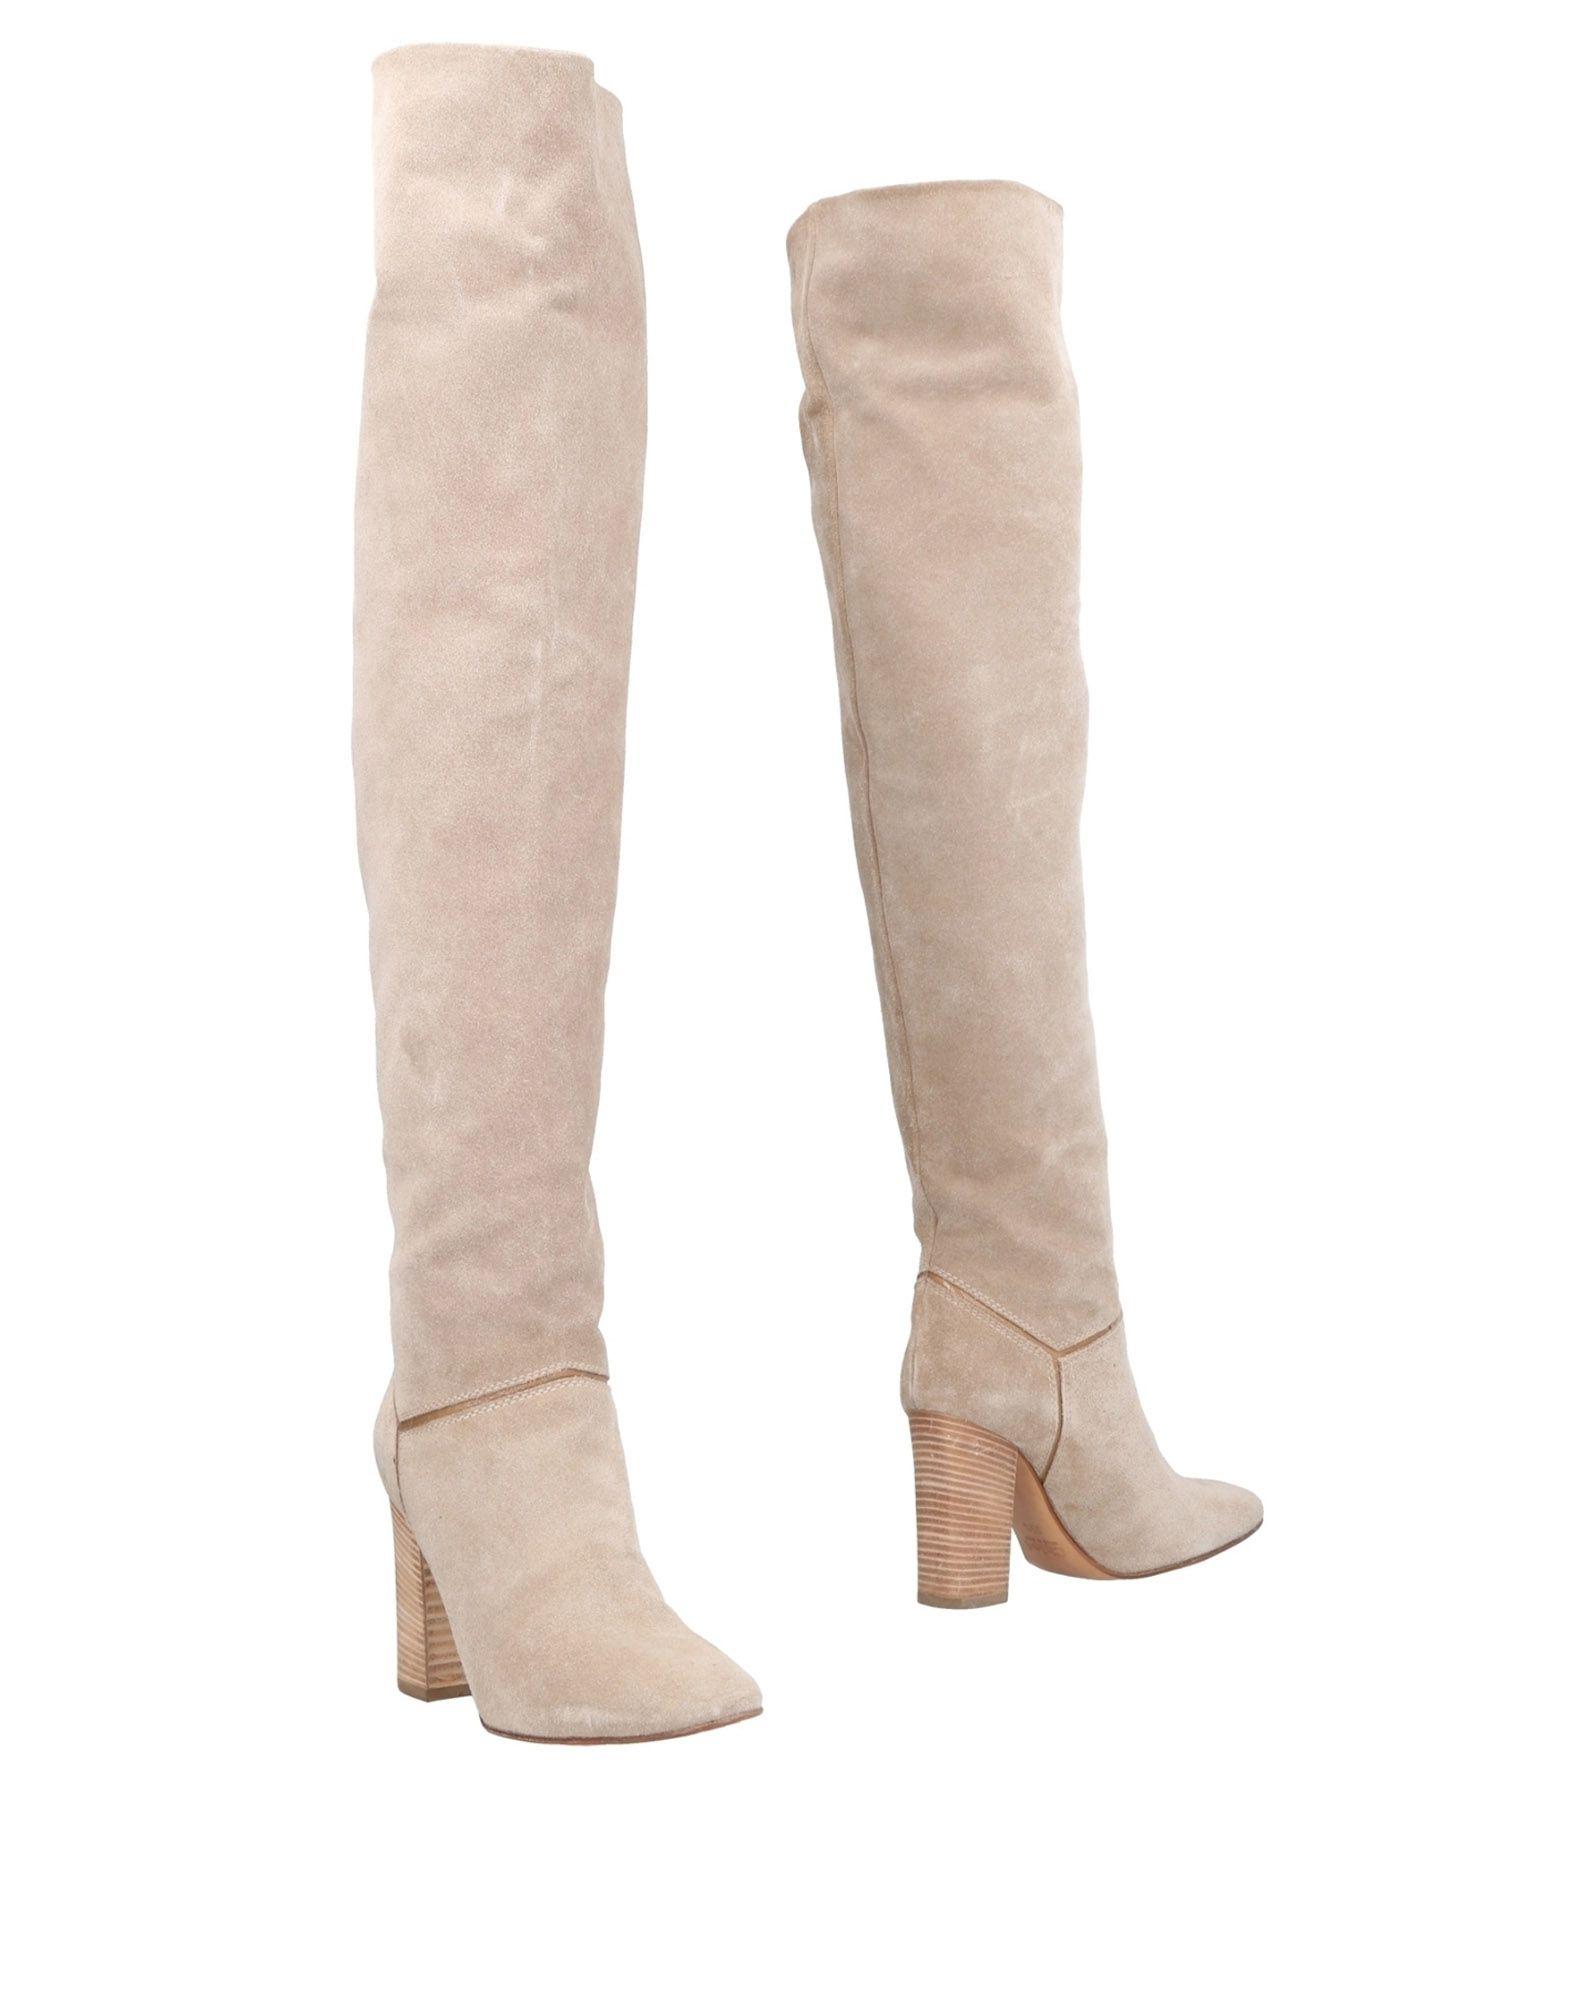 Chloé Stiefel Damen  11462054VPGünstige gut aussehende Schuhe